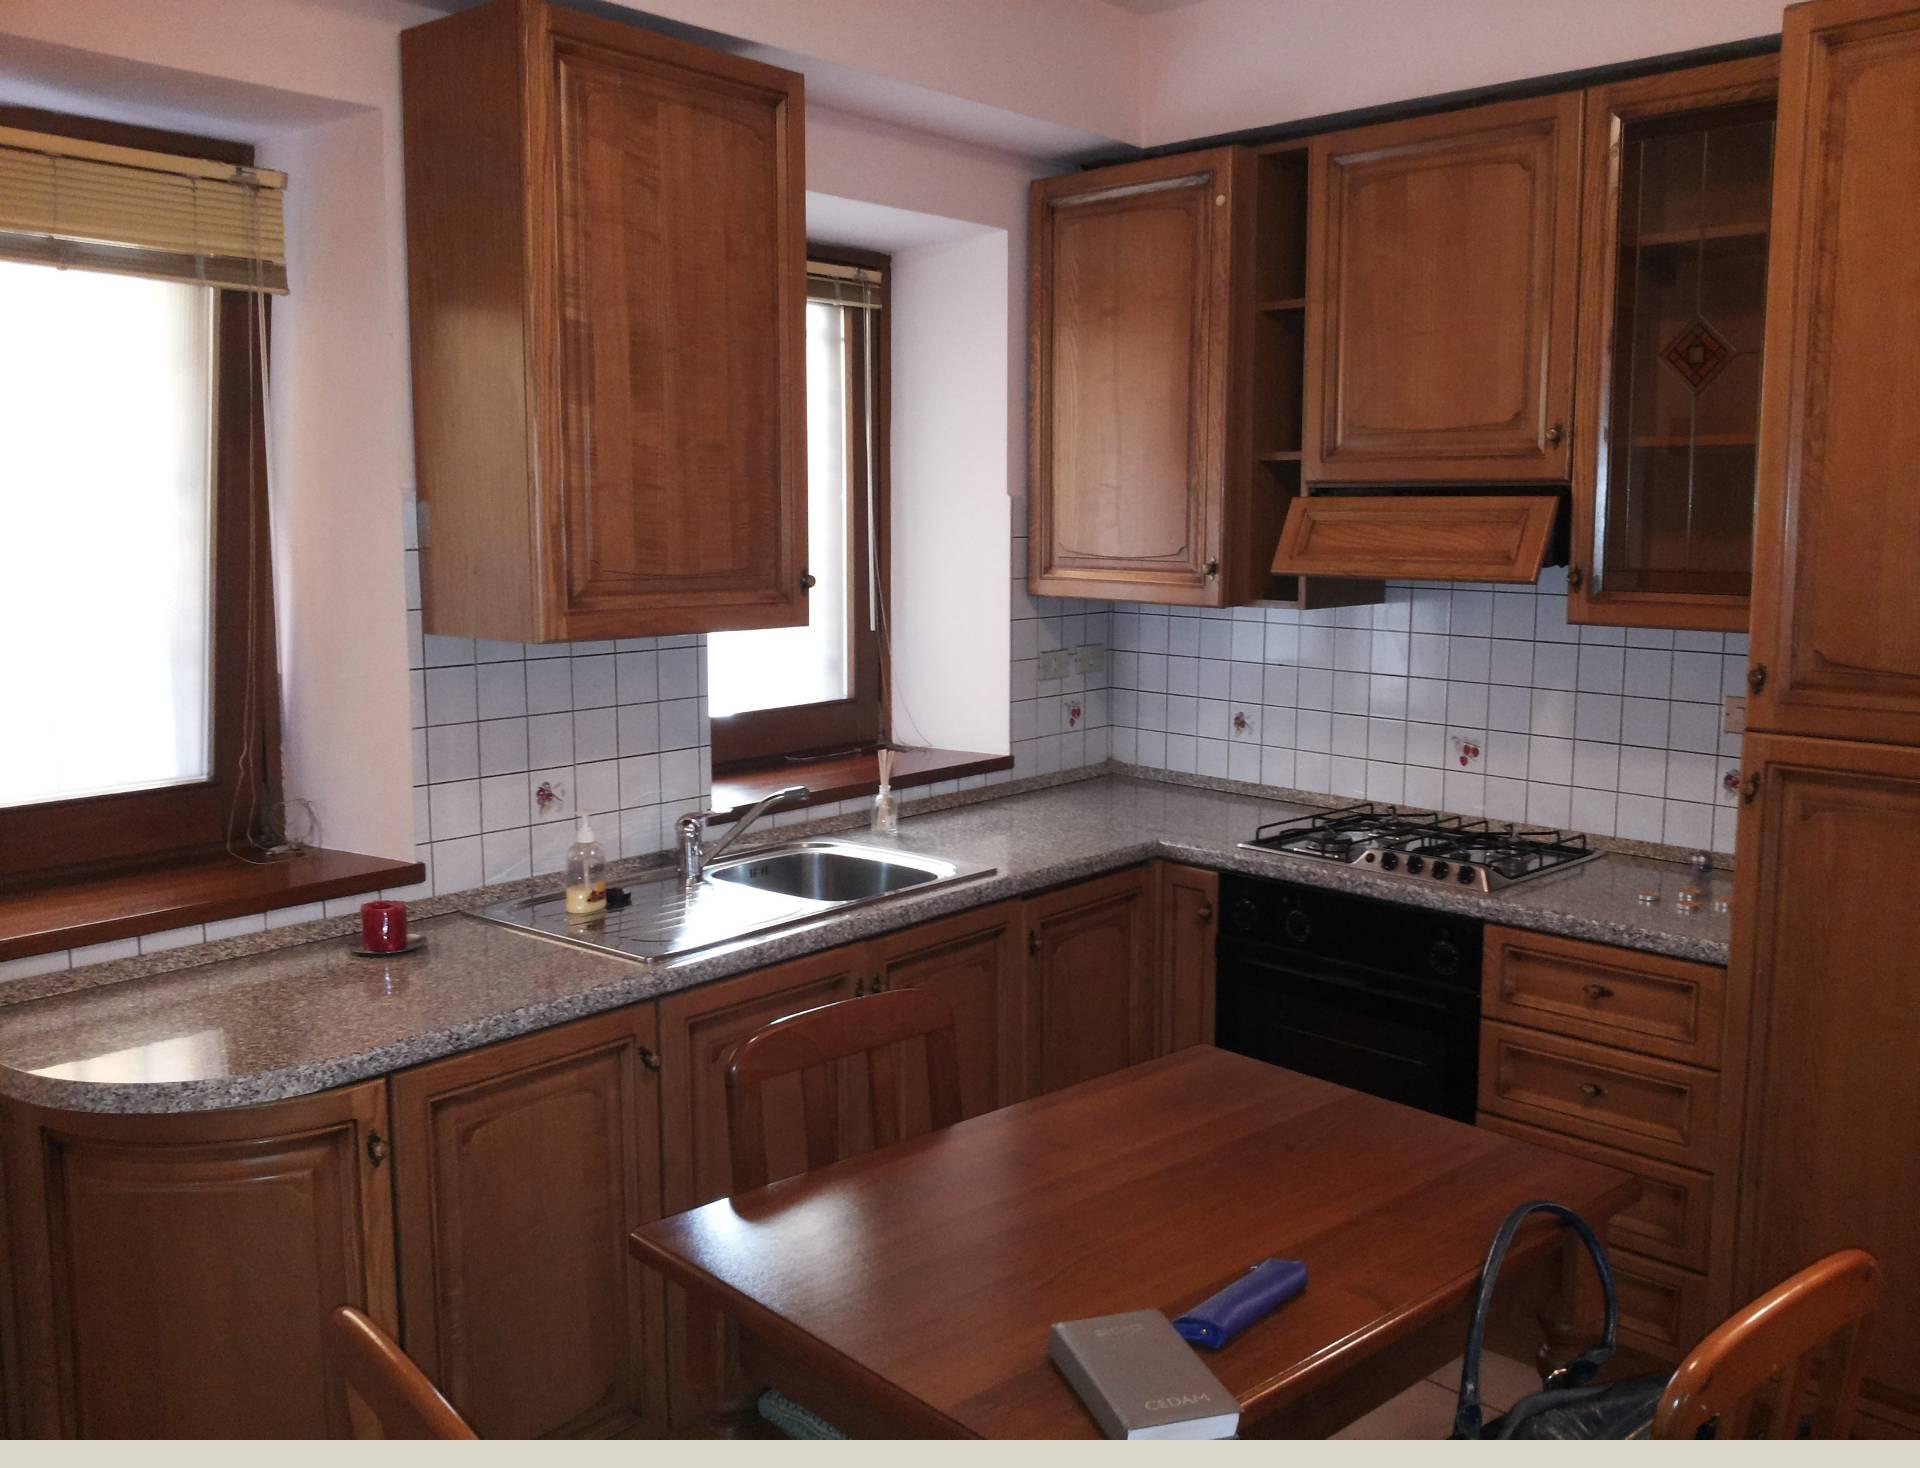 Appartamento in affitto a Macerata, 3 locali, zona Località: Centrostorico, prezzo € 400 | CambioCasa.it